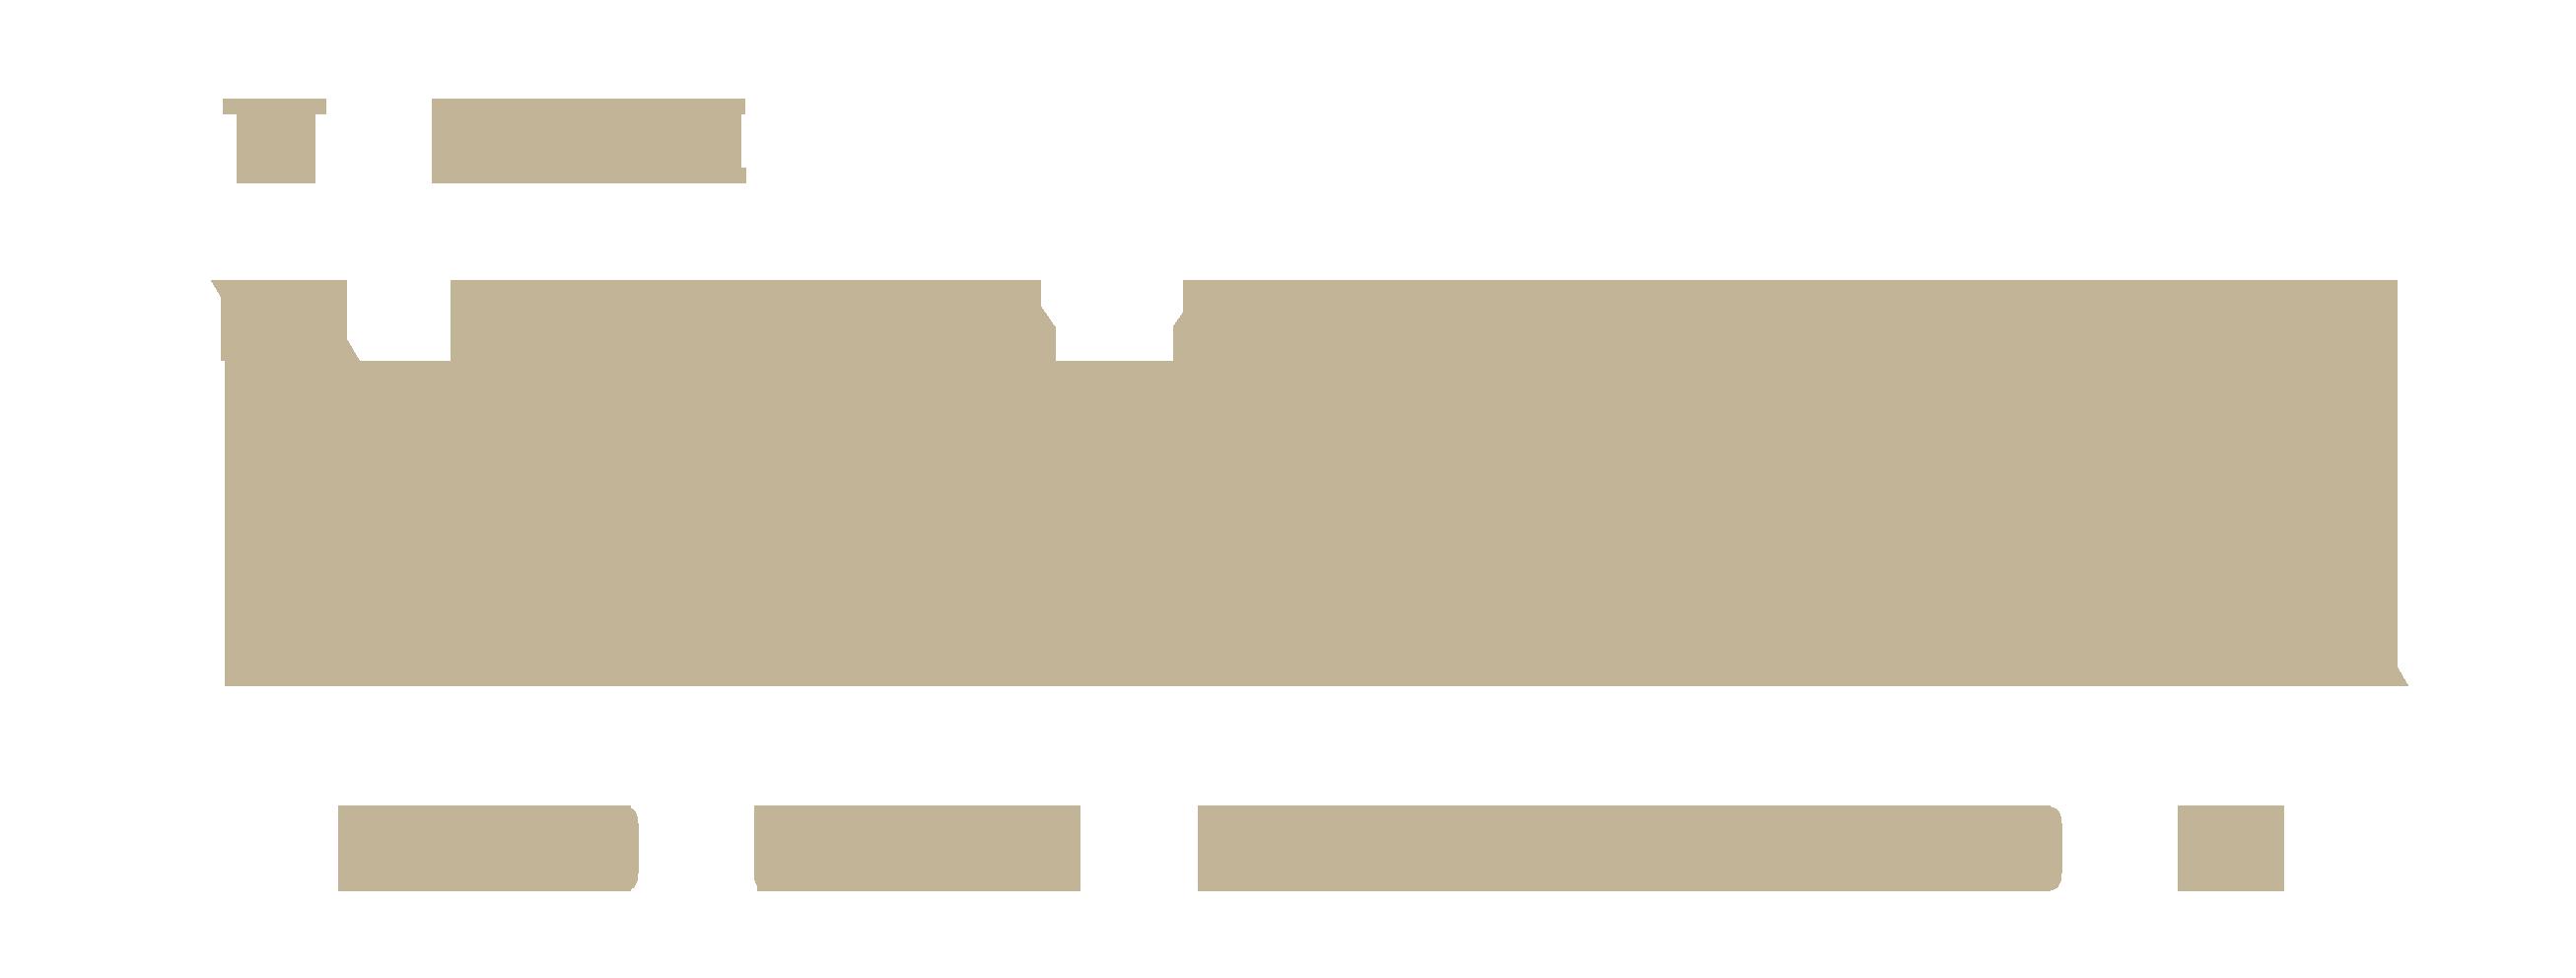 The Nguyen Foundation